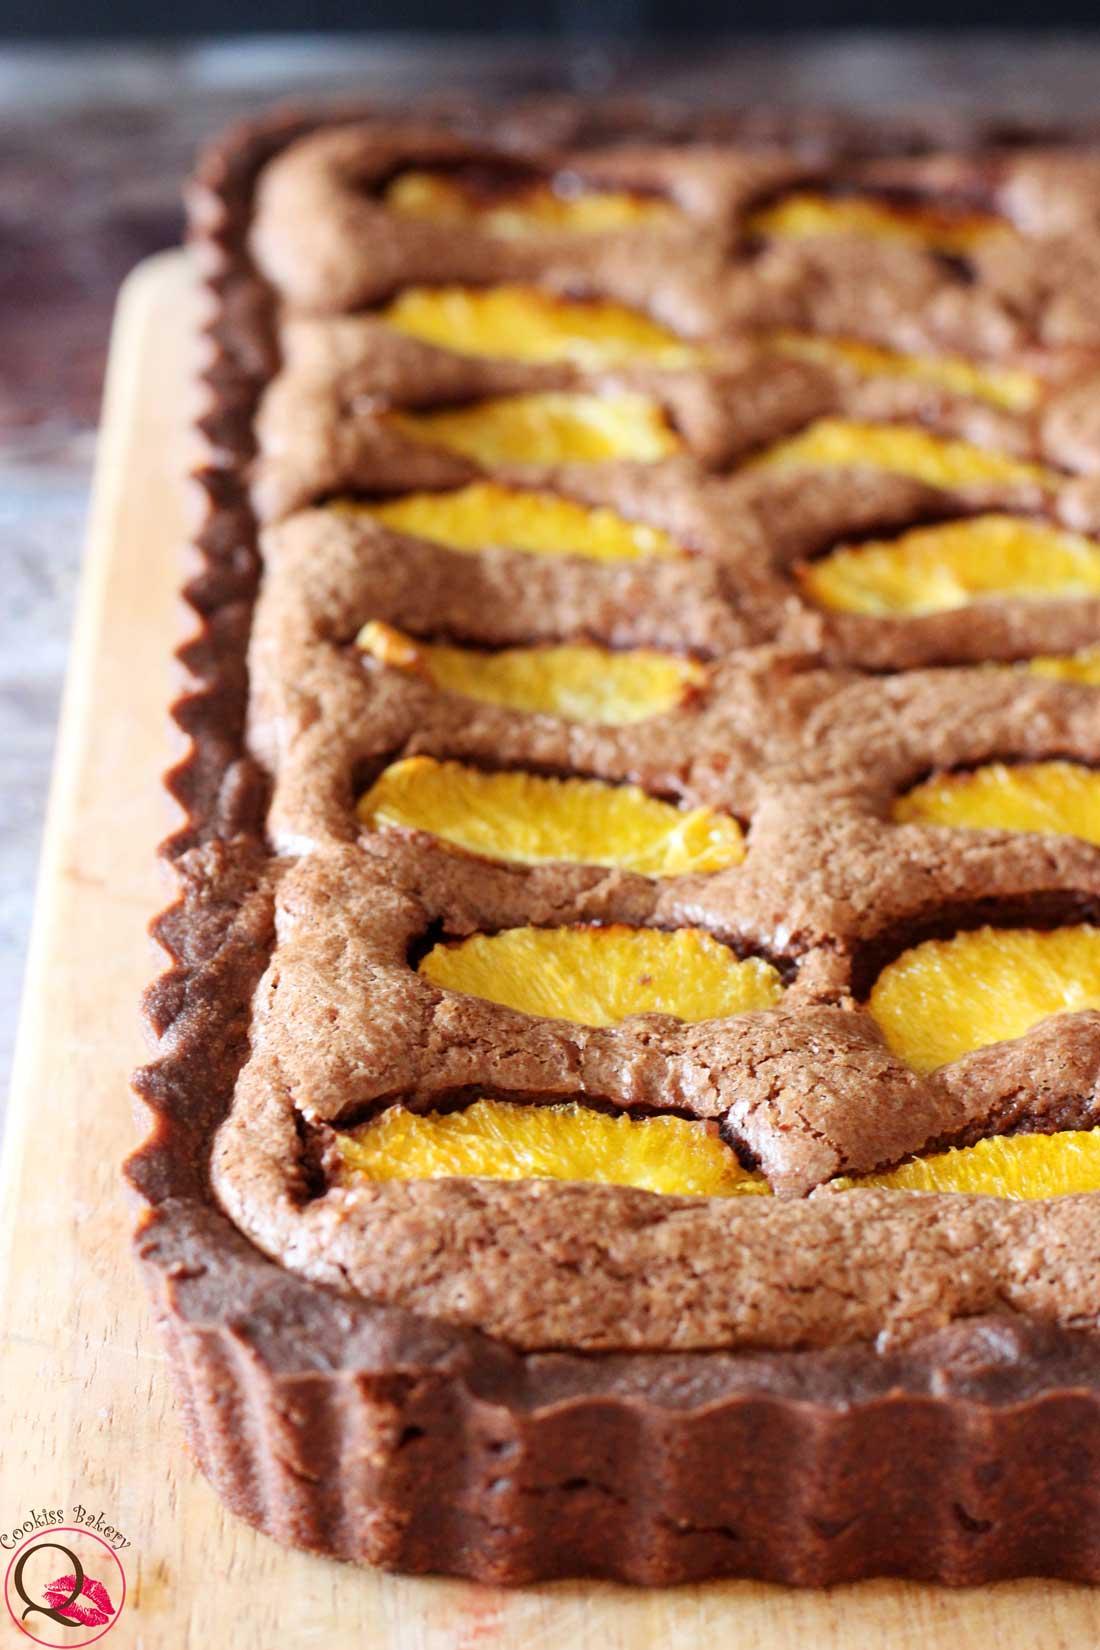 Crostata frangipane al cioccolato con arance caramellate senza farcitura